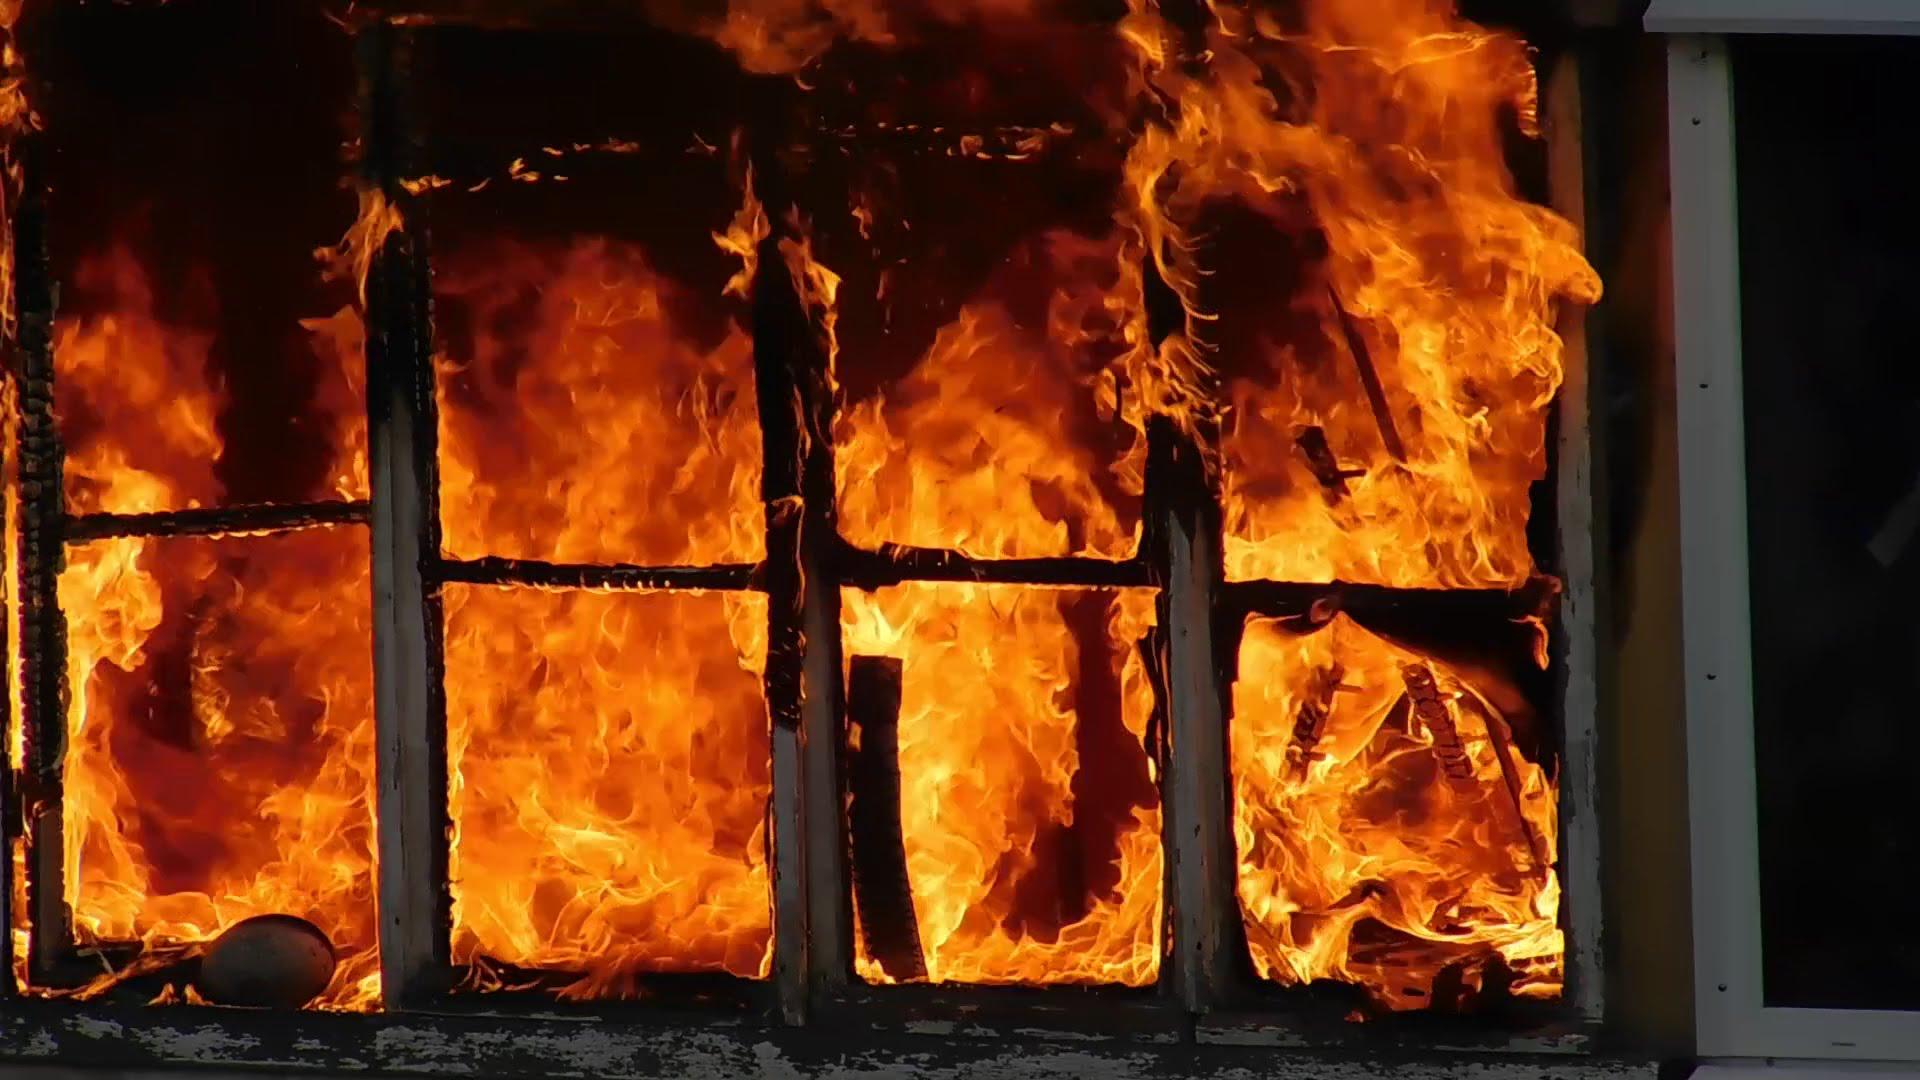 Тела двух погибших нашли в сгоревшем доме в Тверской области